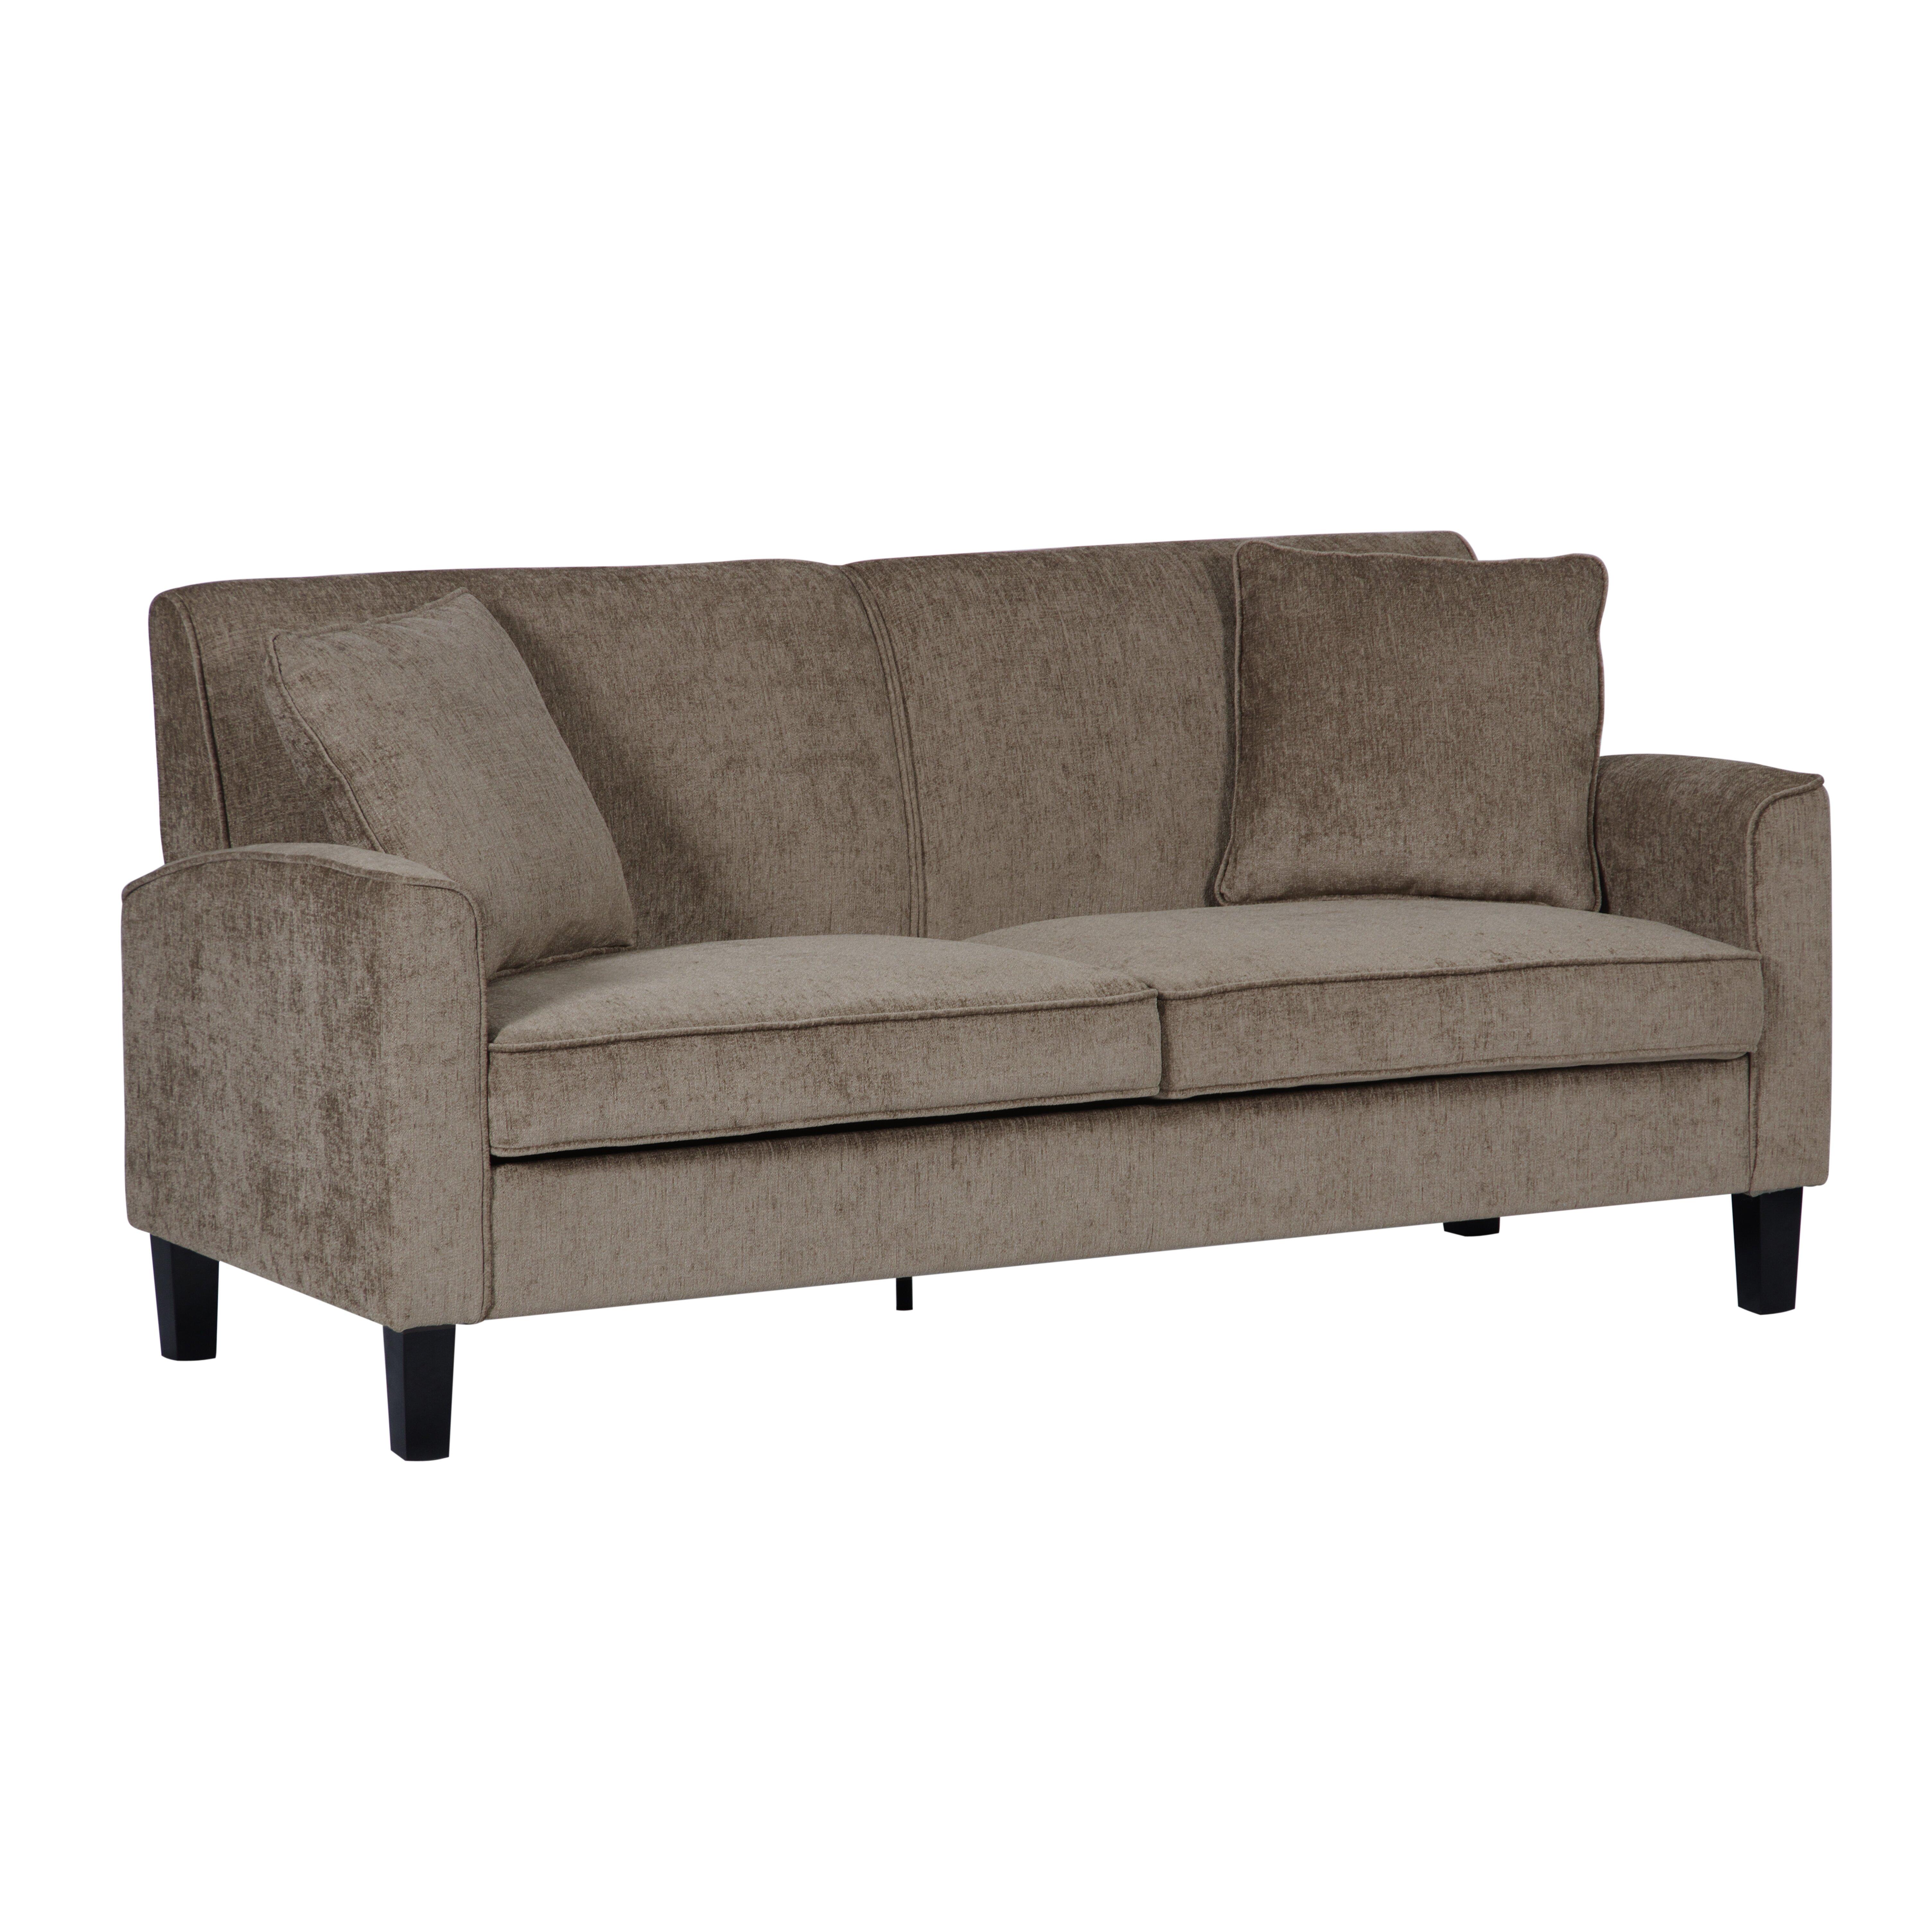 Red Barrel Studio Sofa Reviews Wayfair